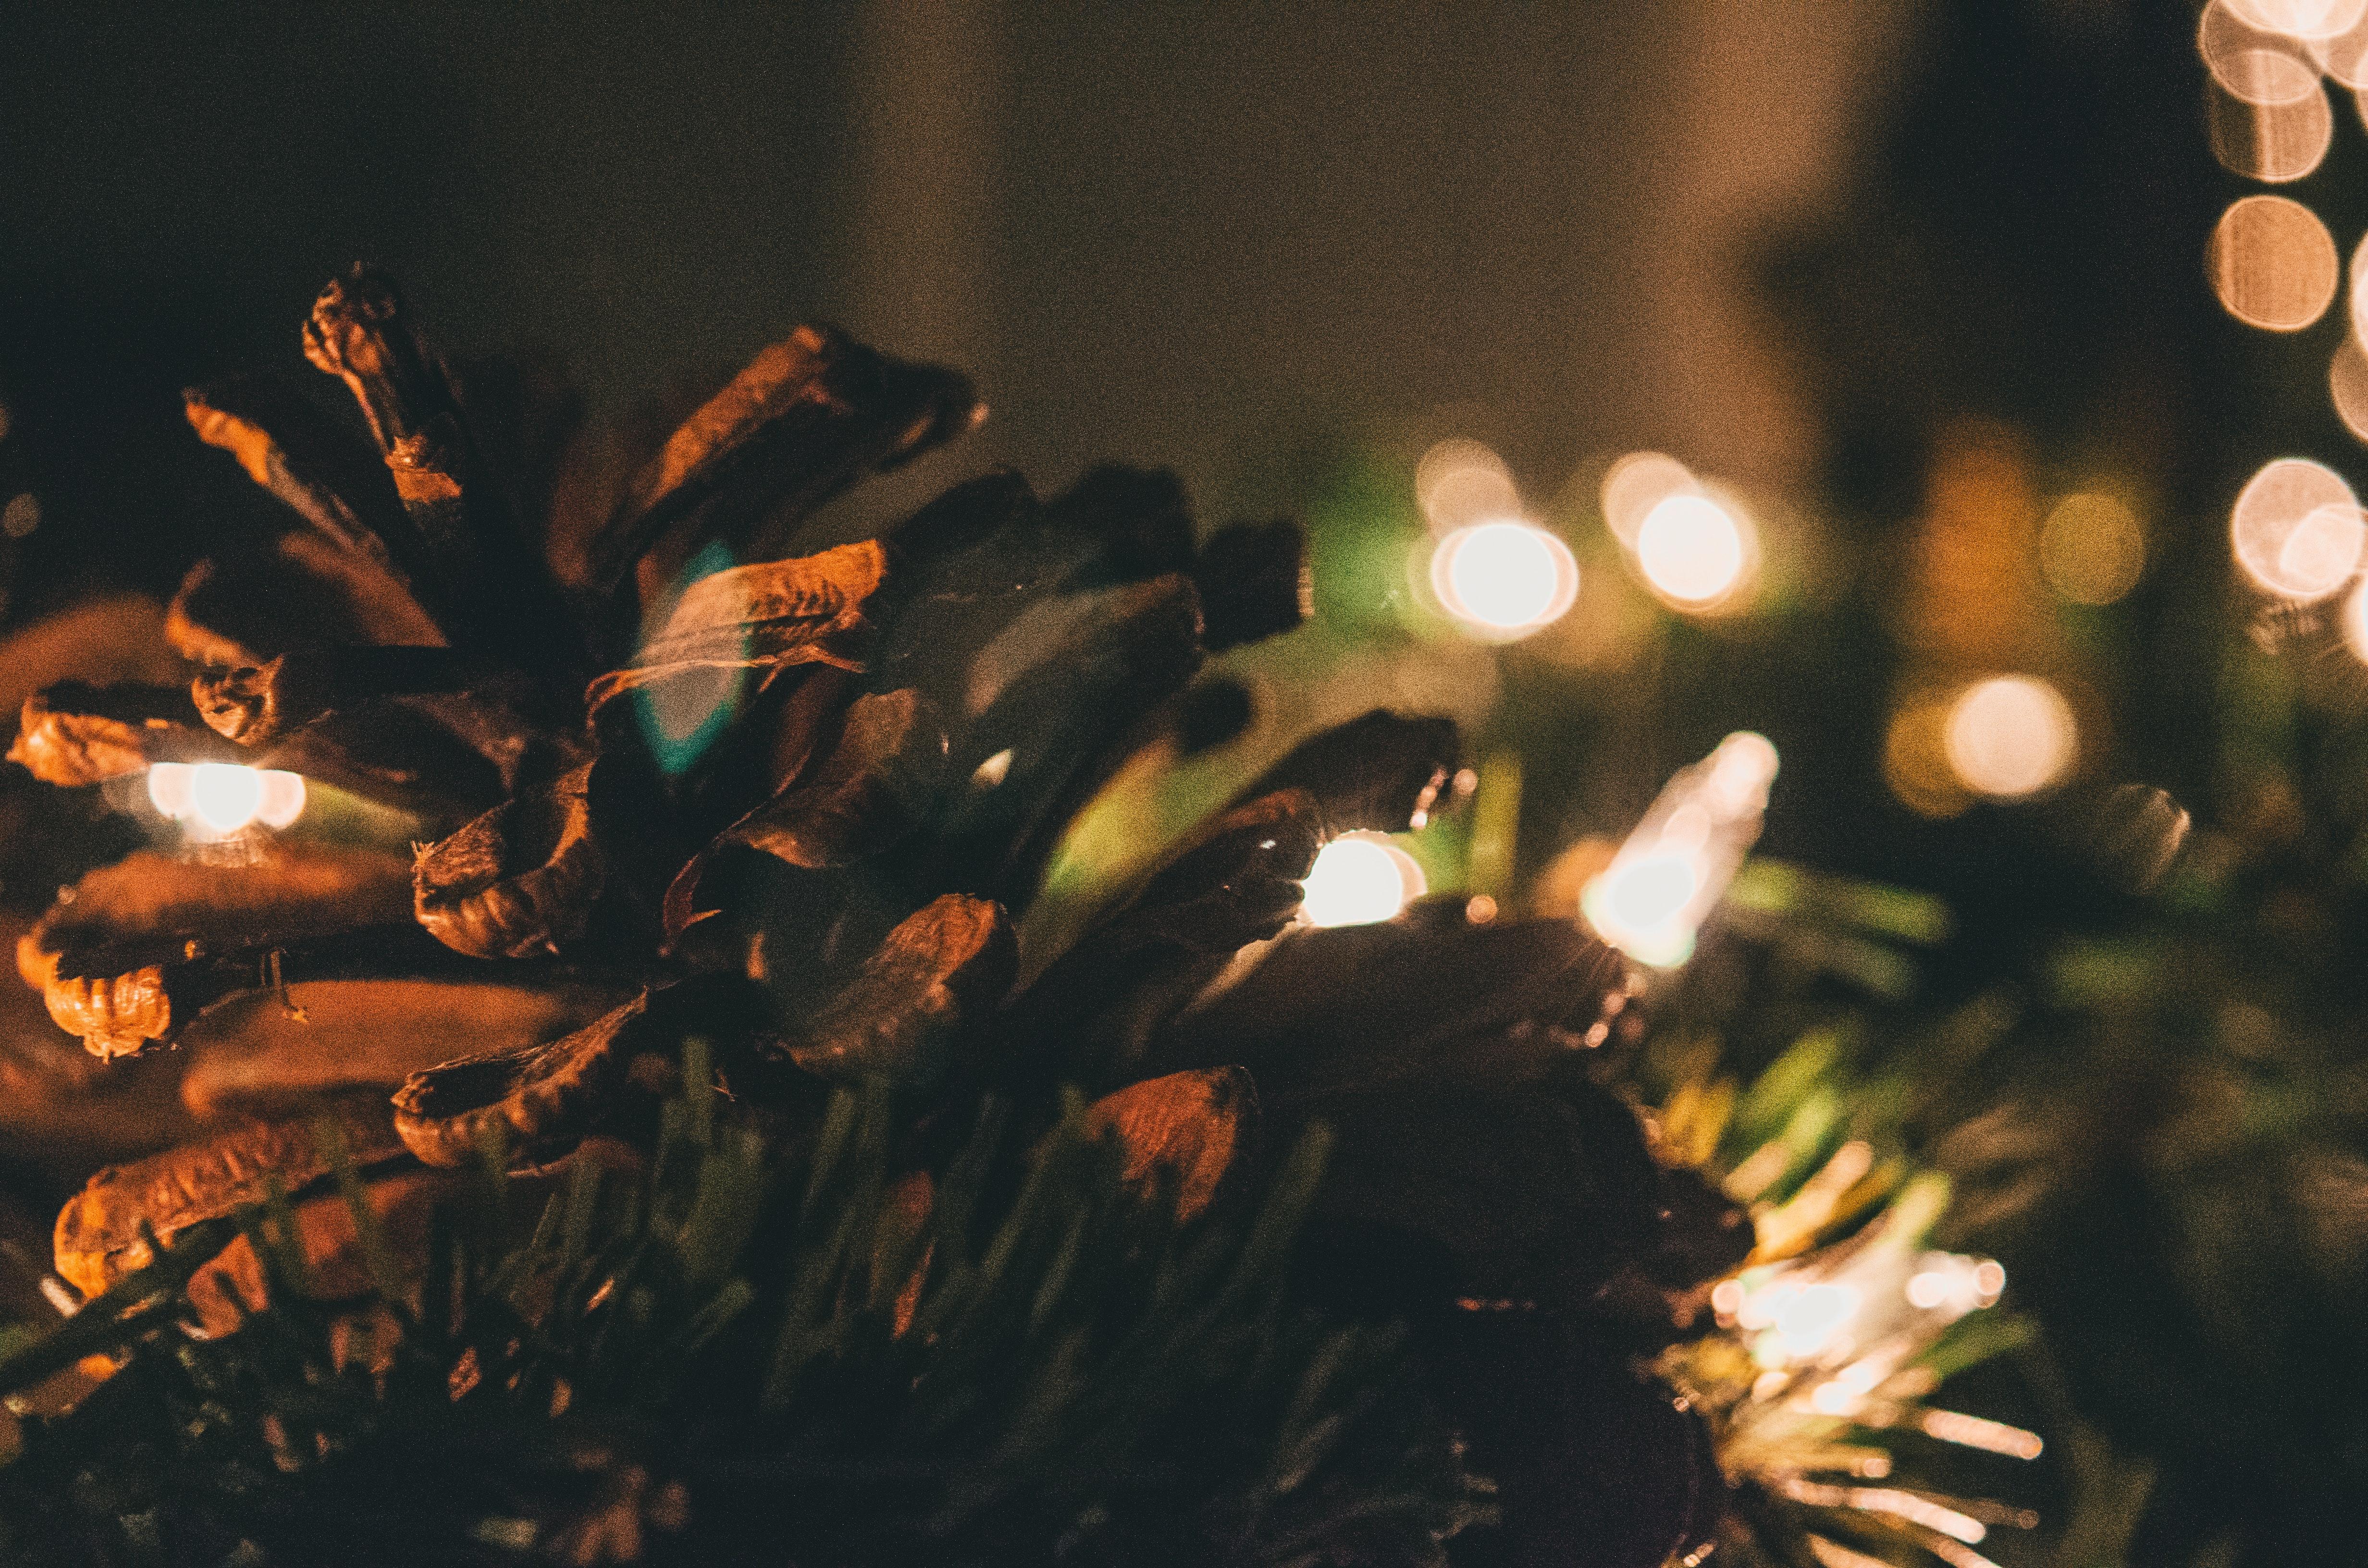 Weihnachtsbeleuchtung Tannenzapfen.Kostenlose Foto Weihnachten Weihnachtsdekor Weihnachtsdekoration